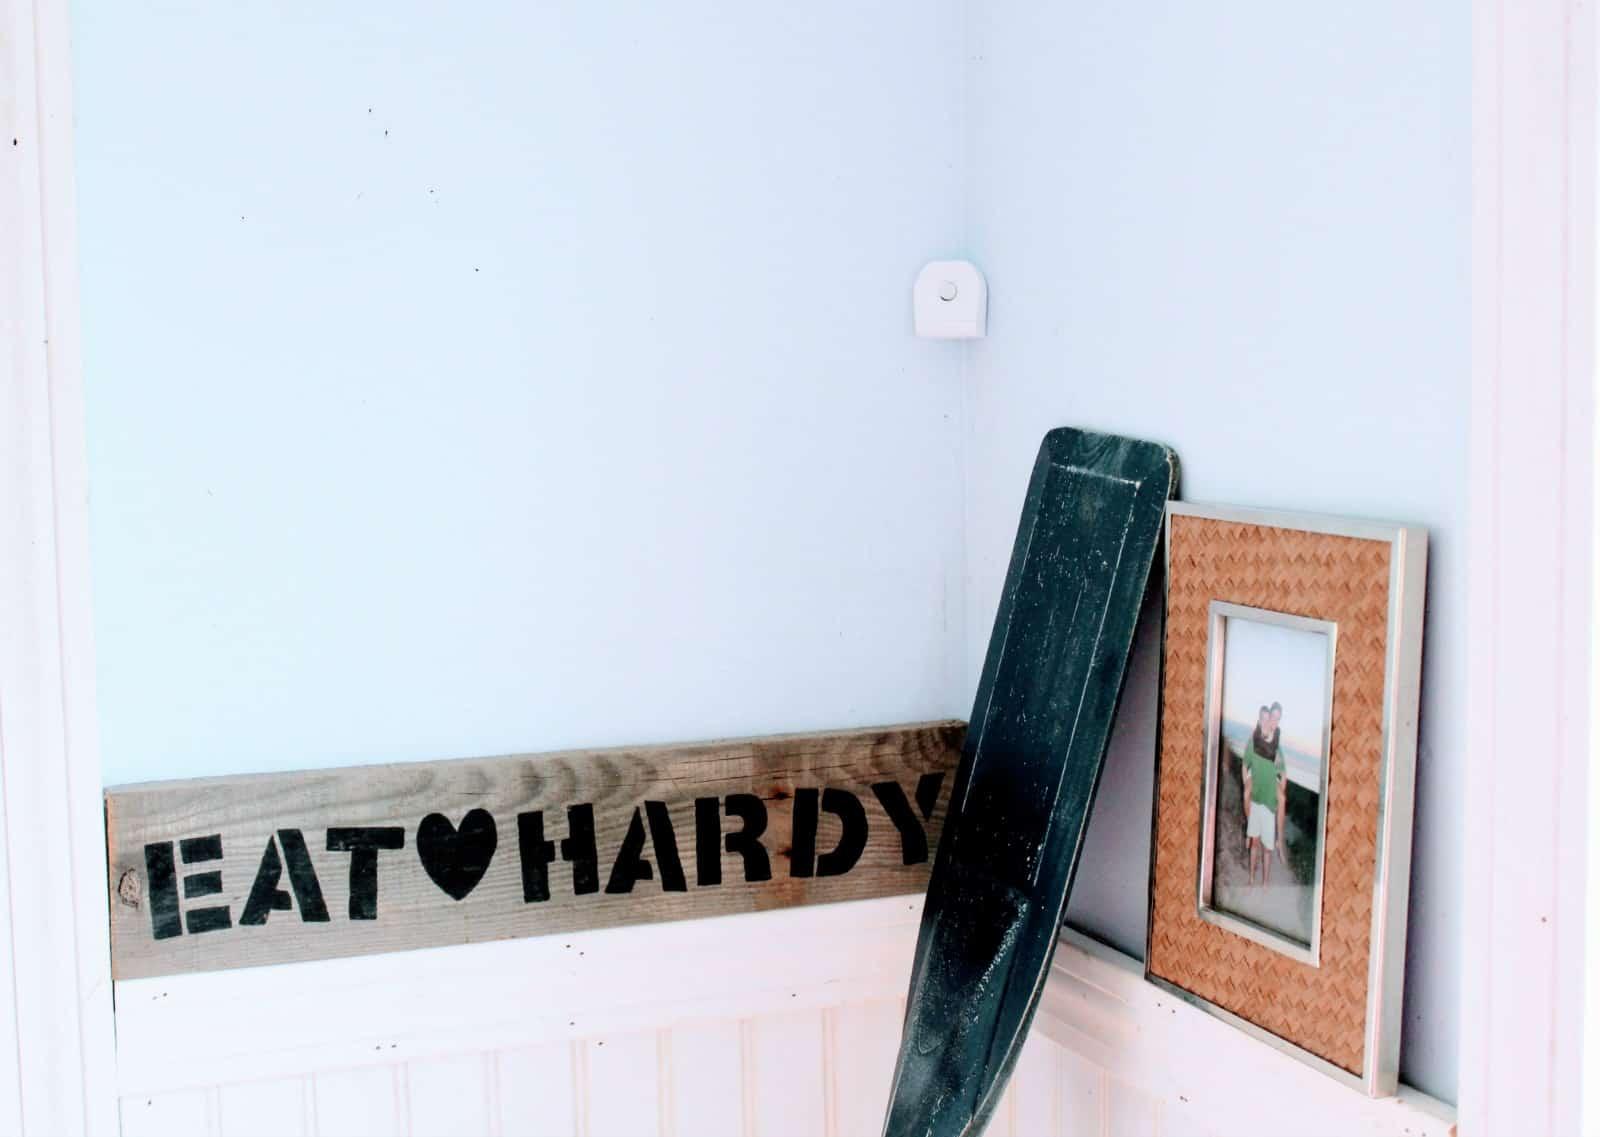 Smart home security equipment in corner.